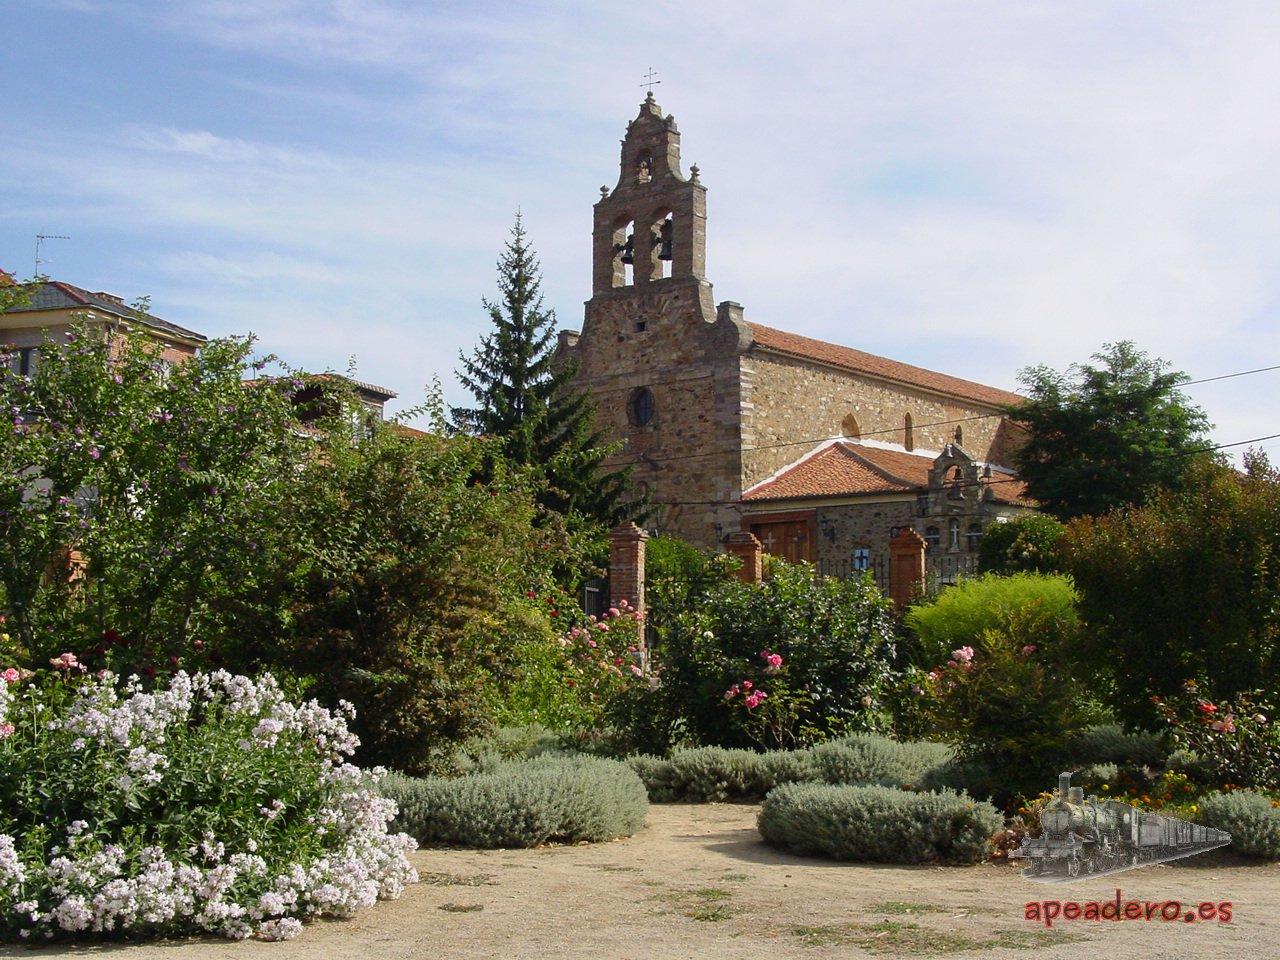 Parque al lado del albergue Siervas de Maria de astorga, antiguo convento reconvertido en habitaciones de peregrinos.